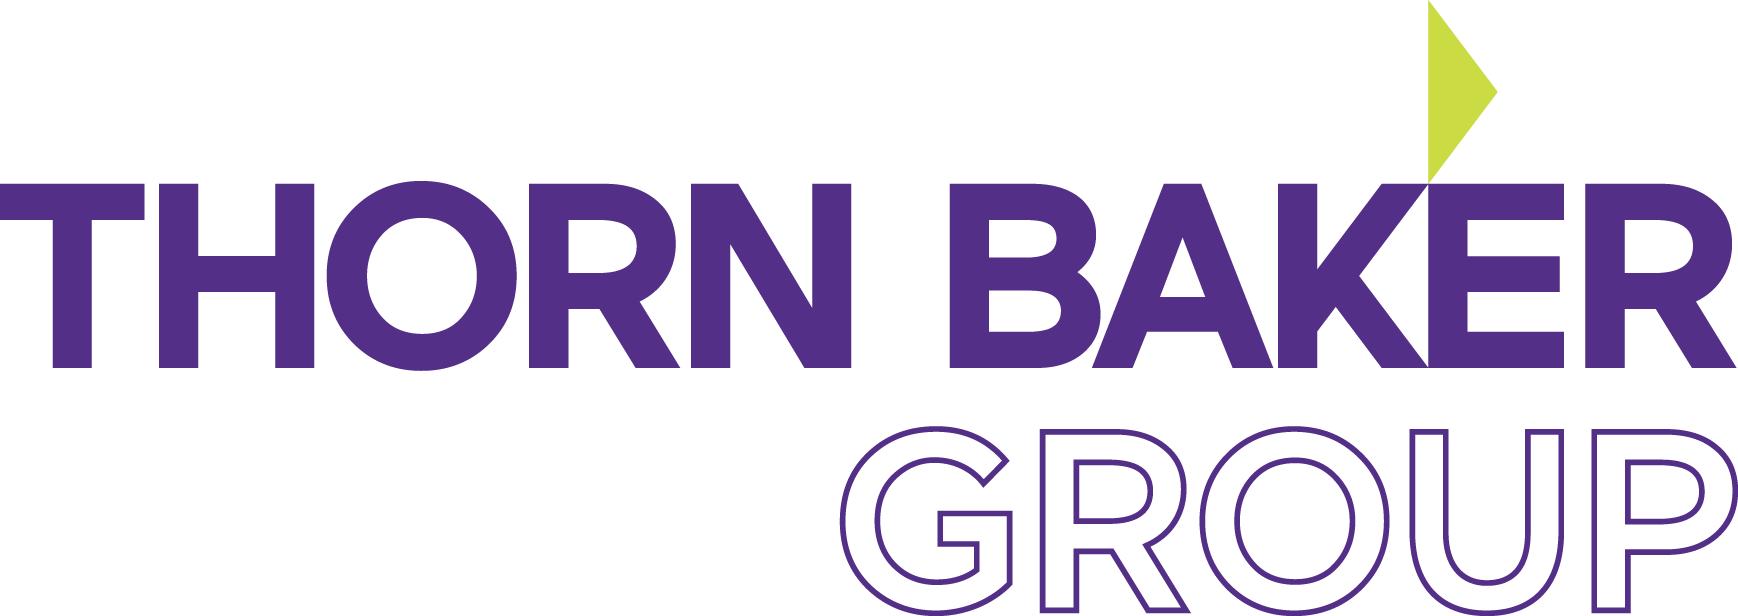 Thorn Baker Group